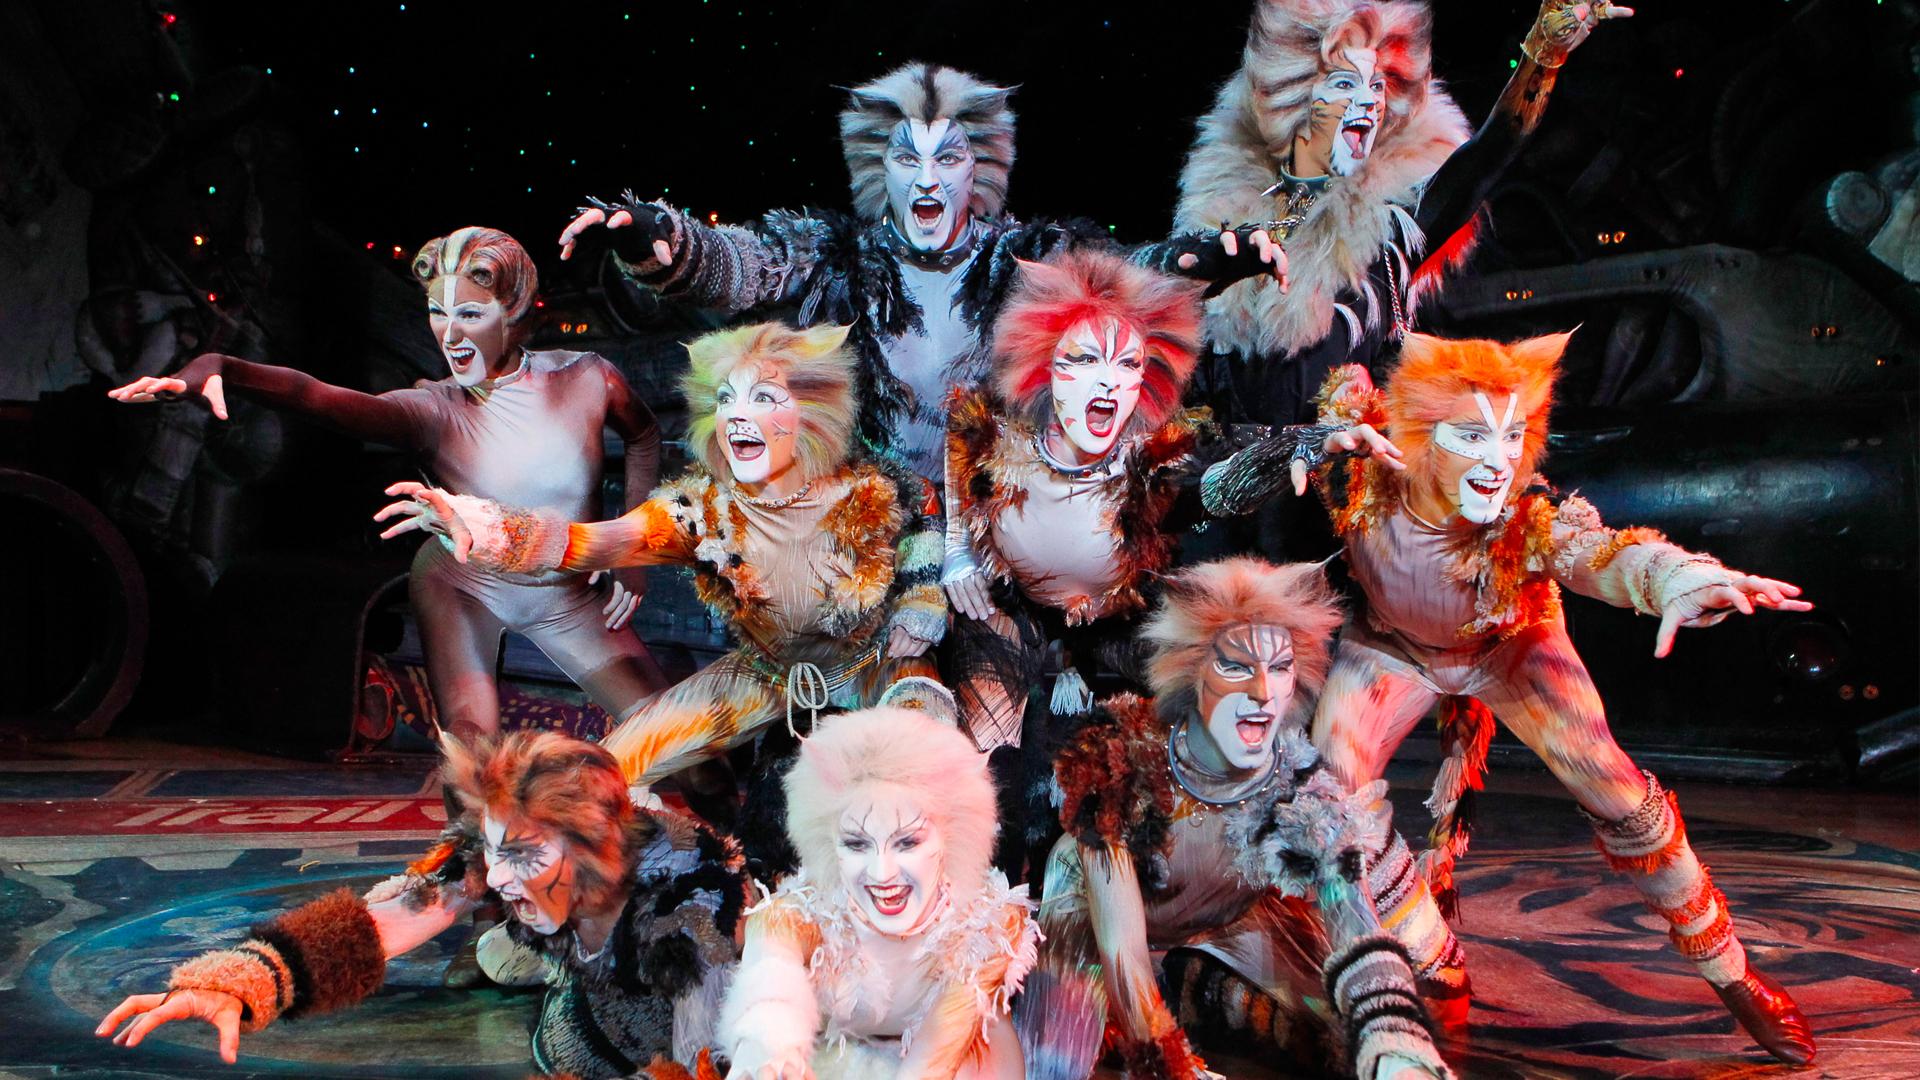 فیلم موزیکال Cats تاریخ اکران فیلم موزیکال معروف دیگری به نام Wicked را از آن خود کرد